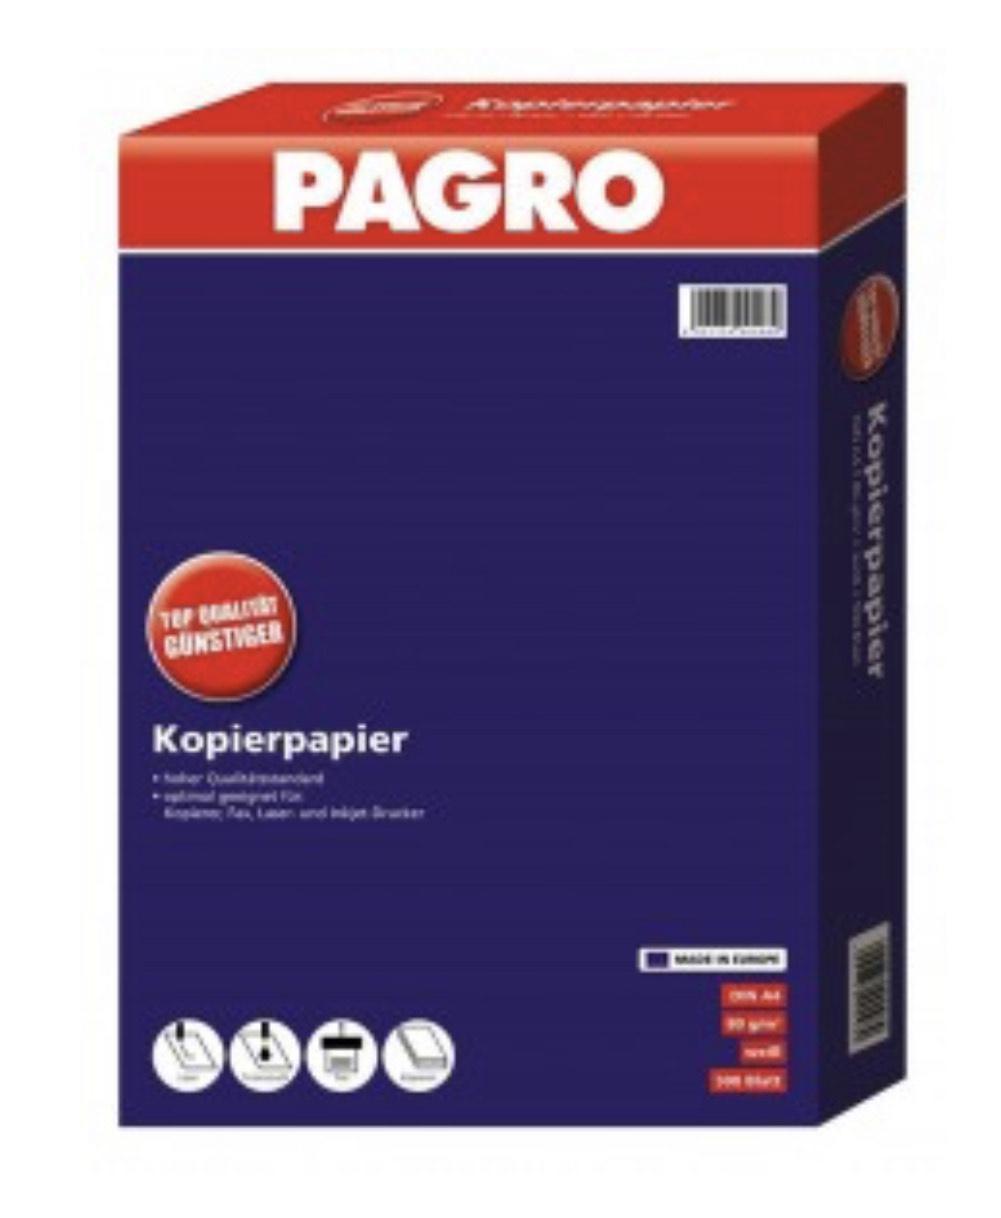 Pagro - Kopierpapier 7 Packungen um 15,23€ bei Abholung